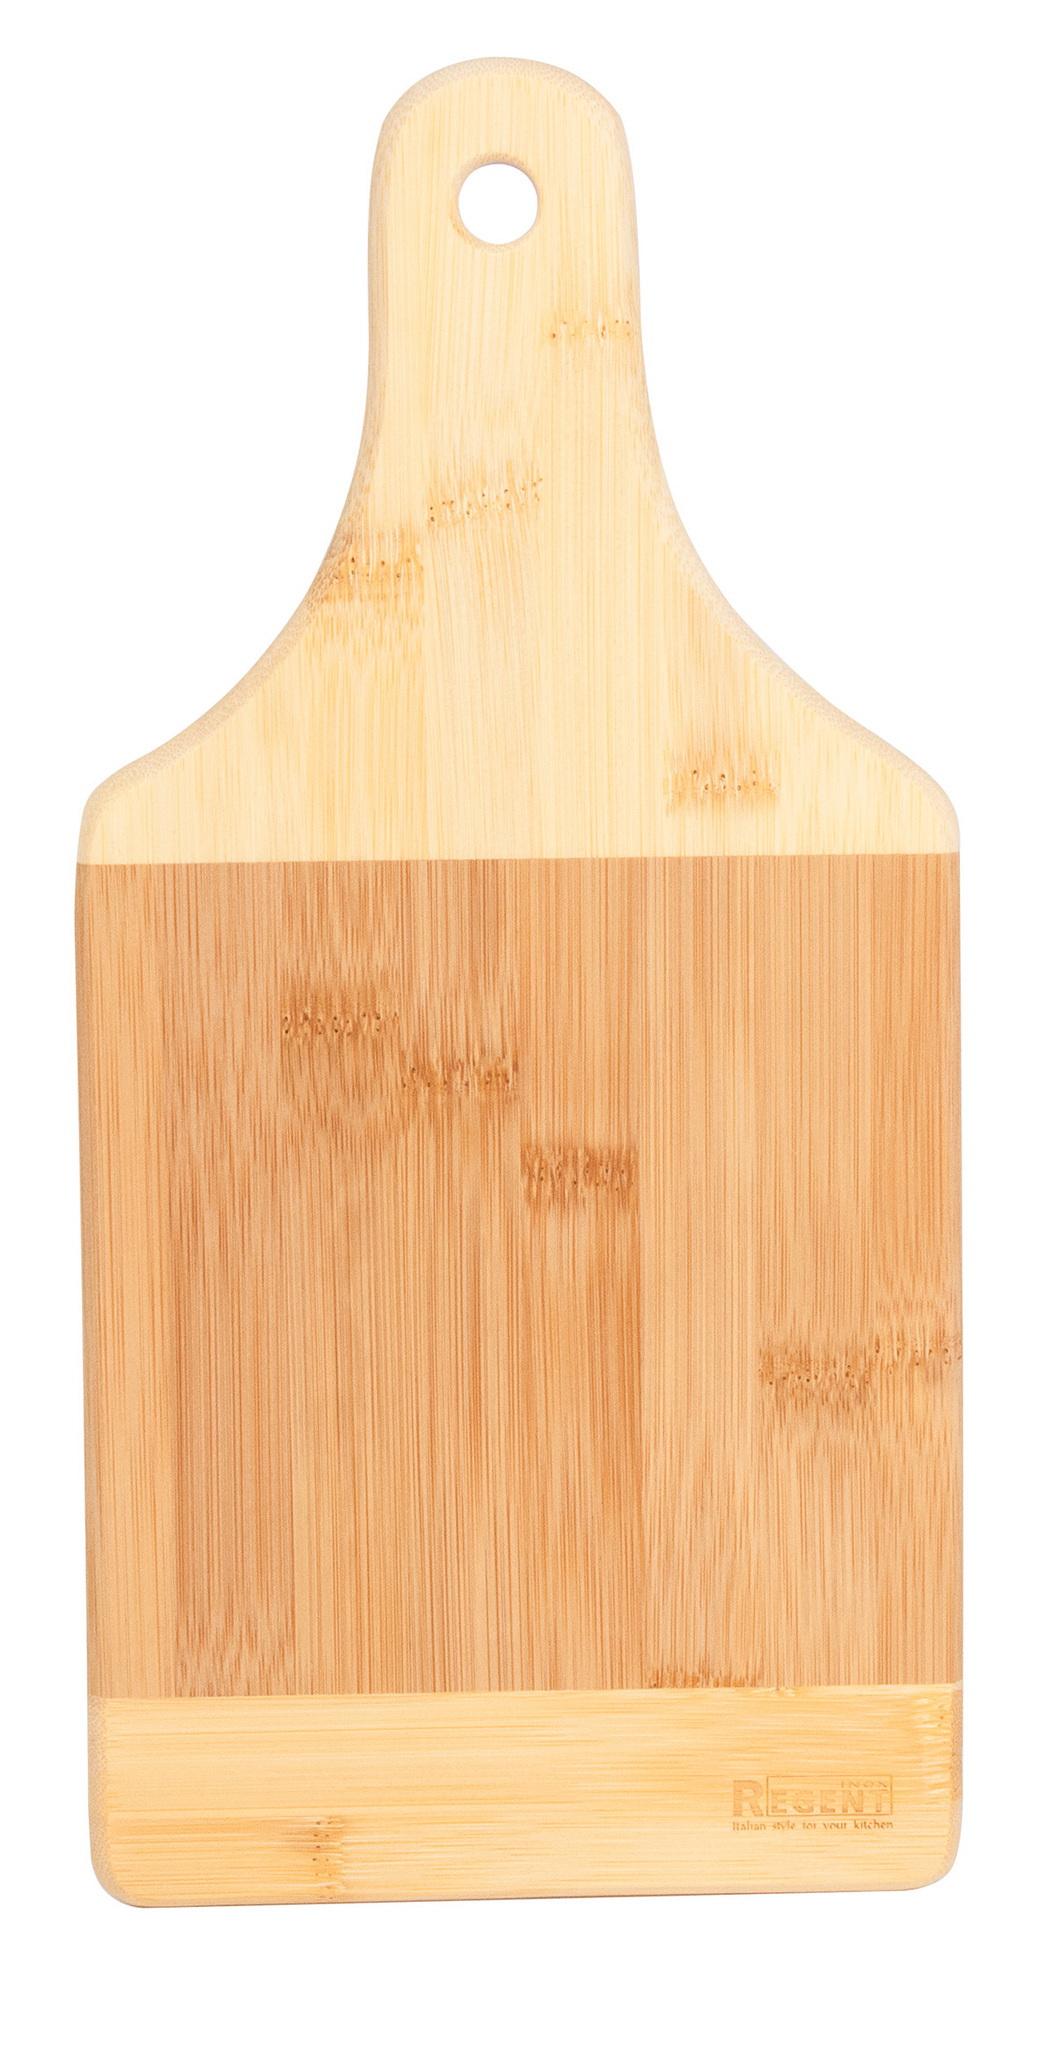 Доска разделочная Regent inoxДоски разделочные<br>Назначение: универсальная,<br>Материал: бамбук,<br>Длина (мм): 330,<br>Ширина: 160,<br>Толщина доски: 15<br>